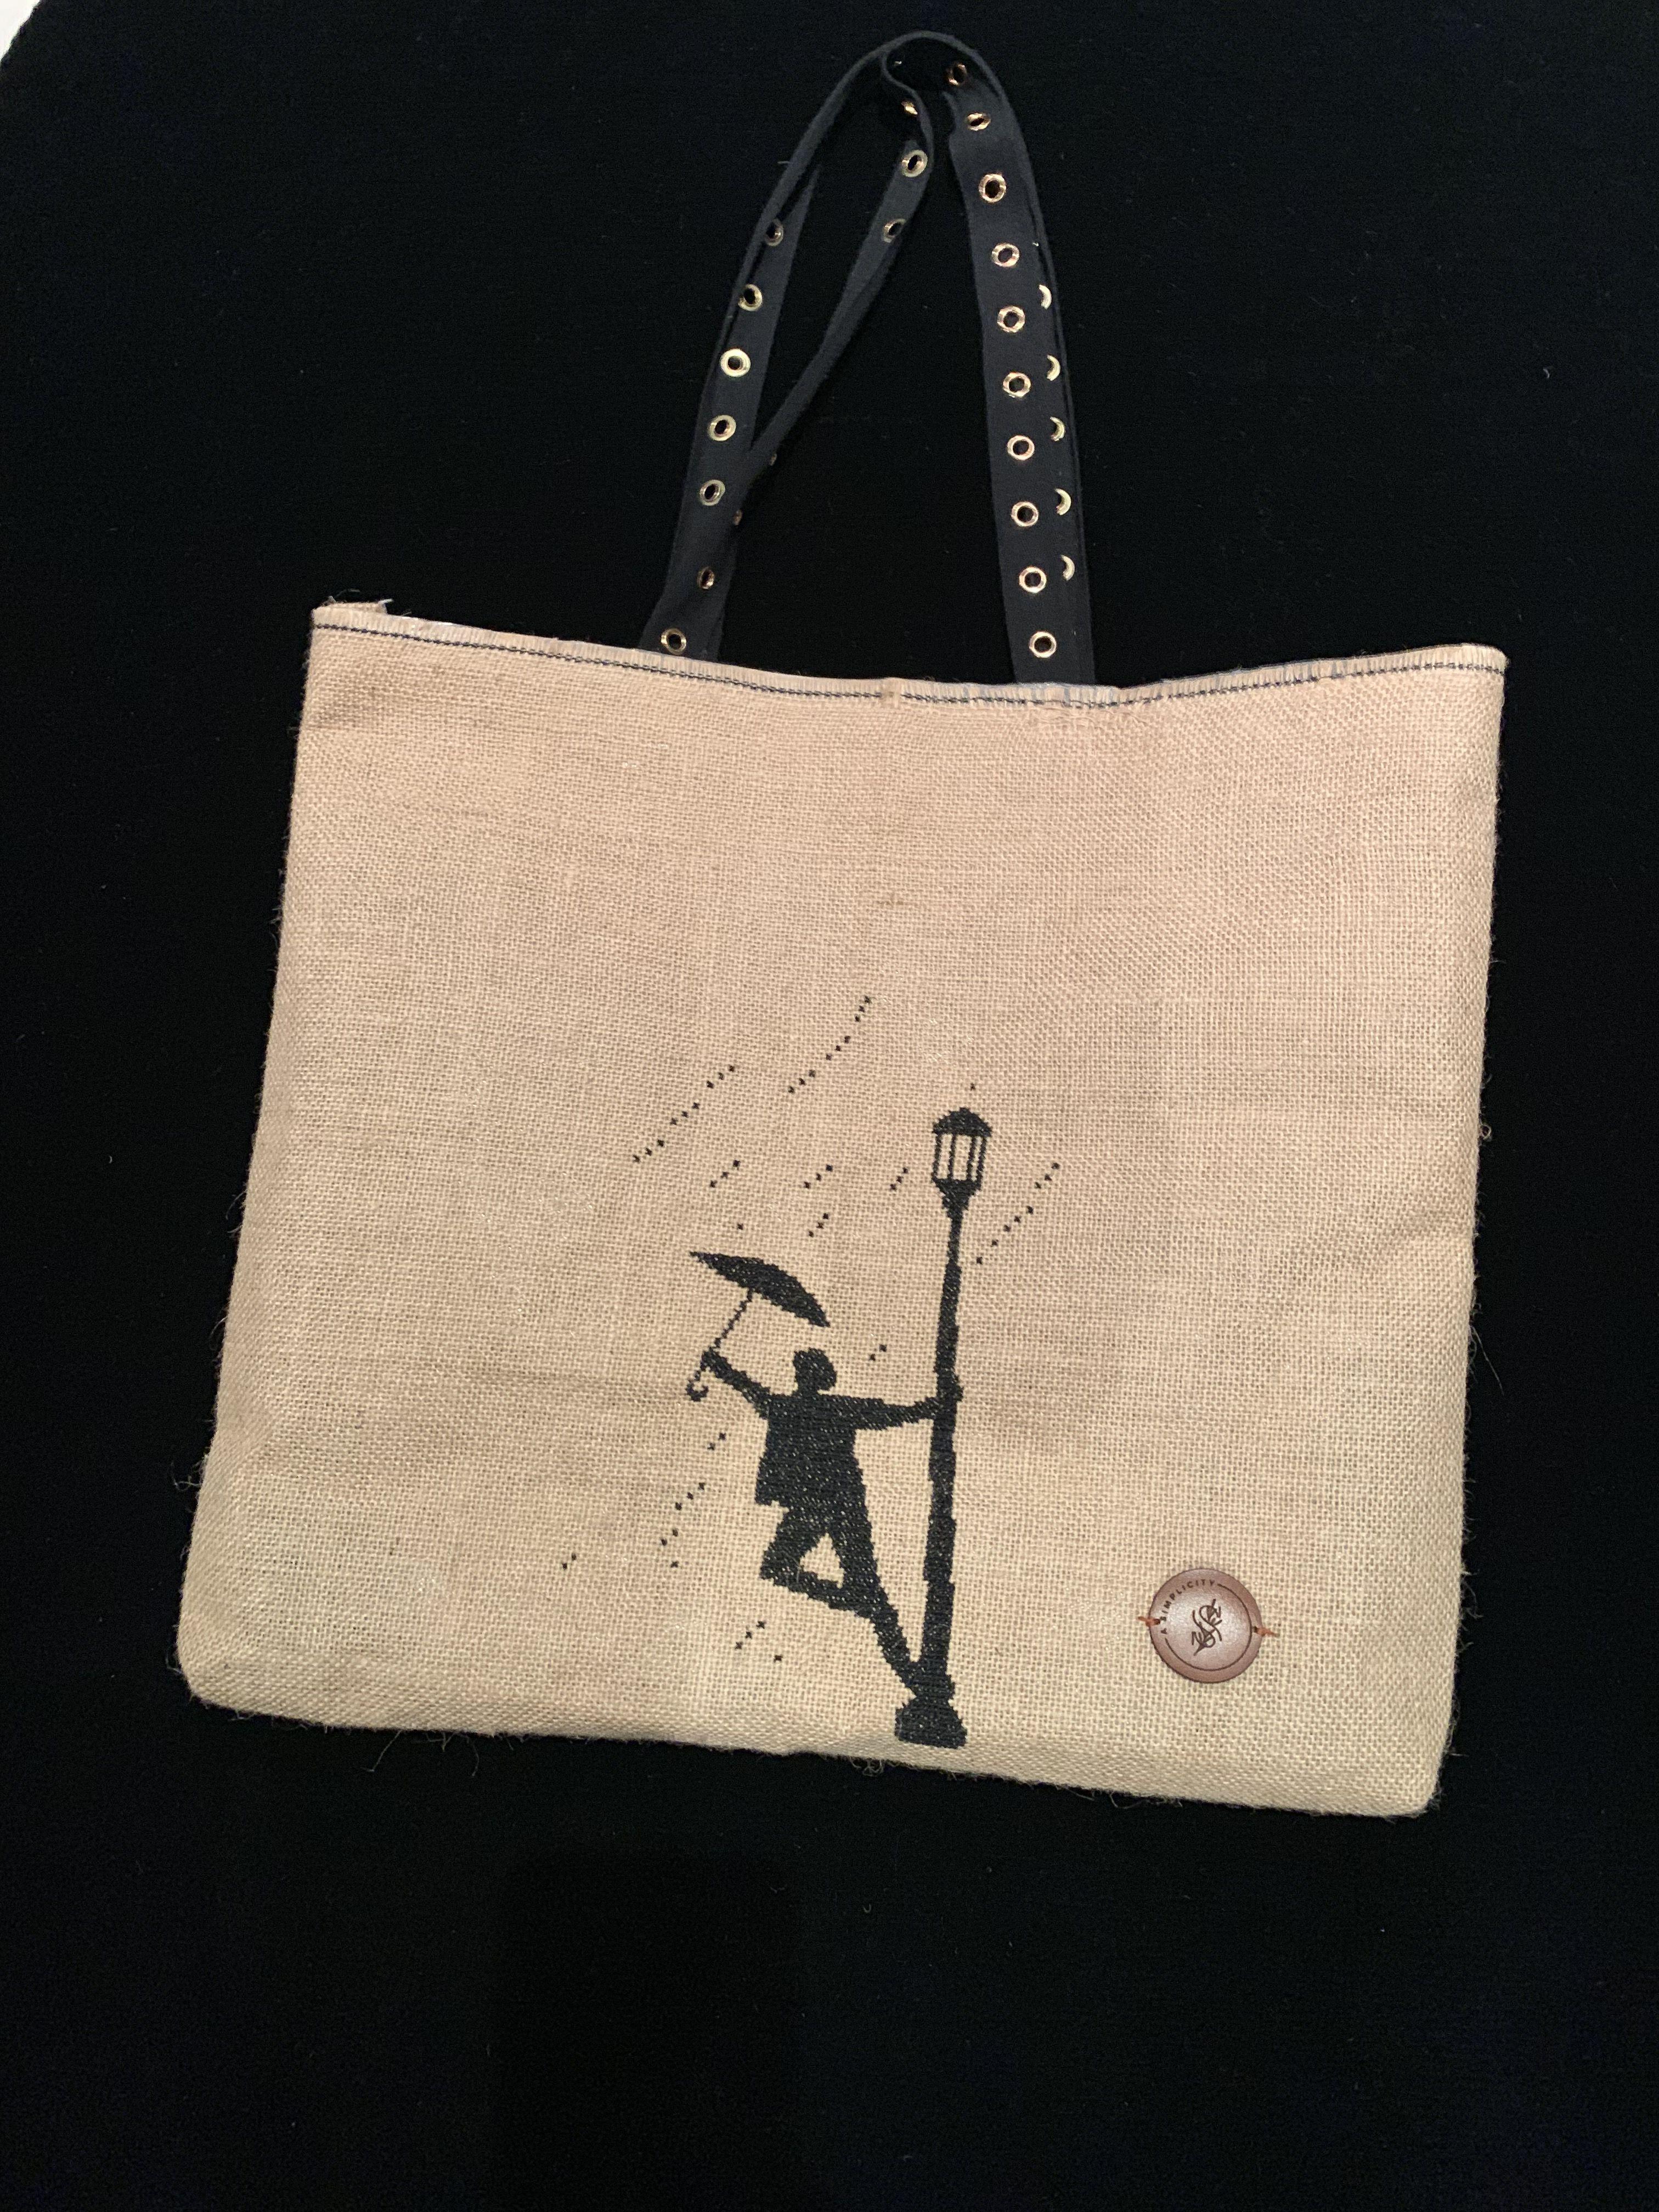 Download Pin By Alba Viana Macedo On Ecobags Burlap Bag Bags Tote